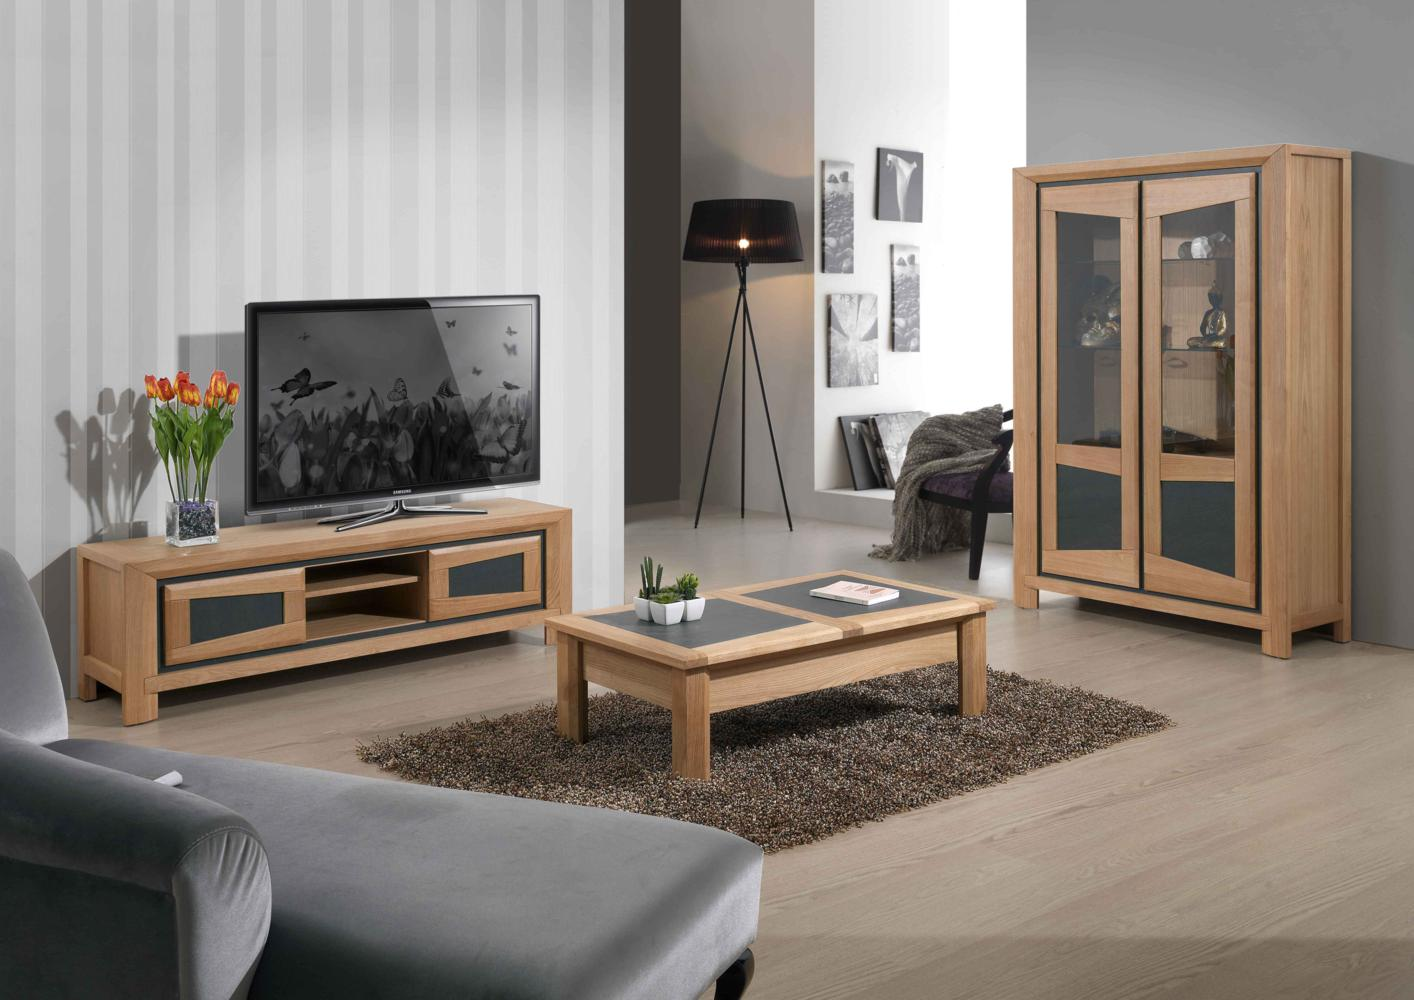 Table basse bois pour tv